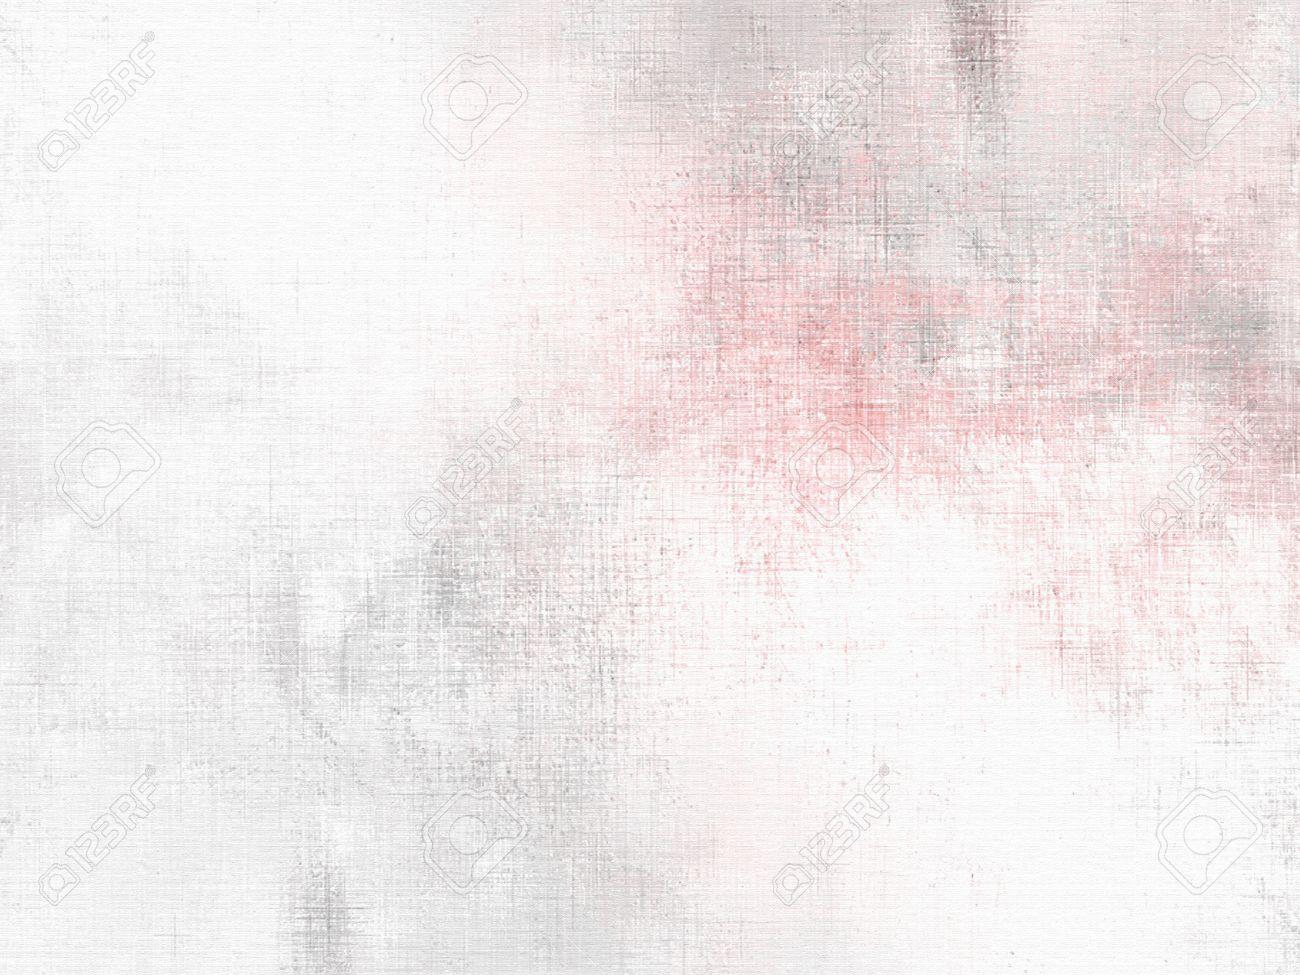 بالصور خلفية بيضاء ساده , اجمل خلفيات بيضاء 2761 16